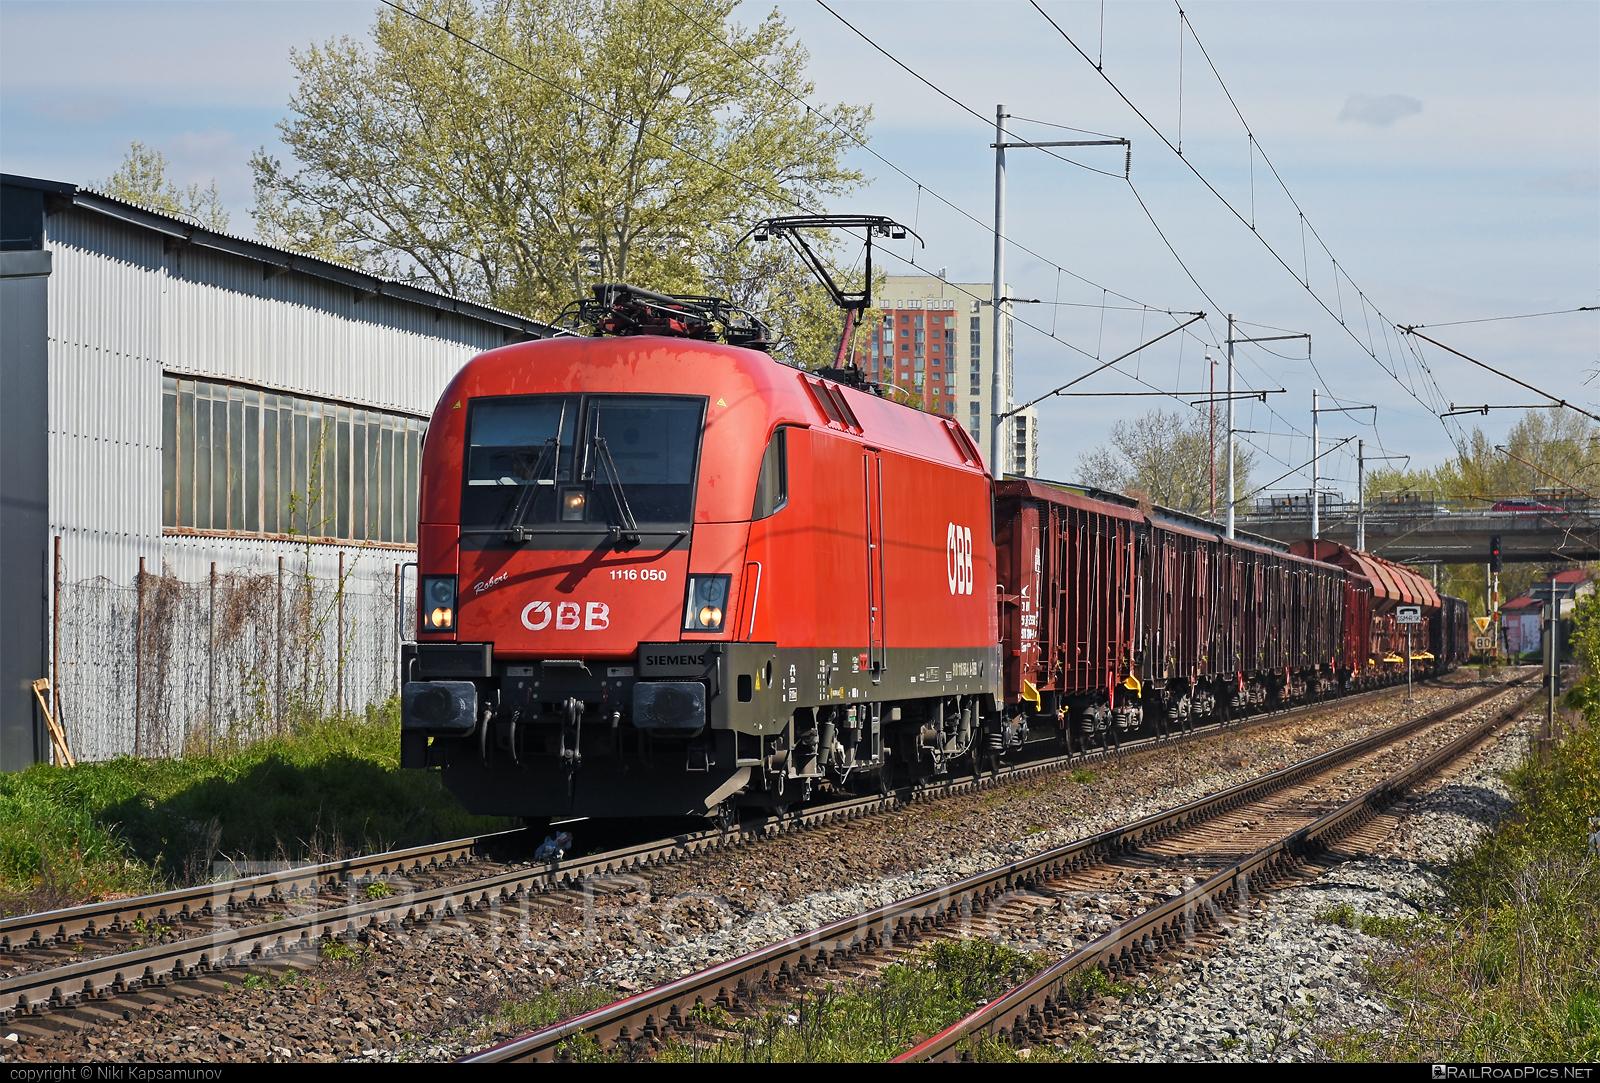 Siemens ES 64 U2 - 1116 050 operated by Rail Cargo Austria AG #es64 #es64u #es64u2 #eurosprinter #obb #osterreichischebundesbahnen #rcw #siemens #siemenses64 #siemenses64u #siemenses64u2 #siemenstaurus #taurus #tauruslocomotive